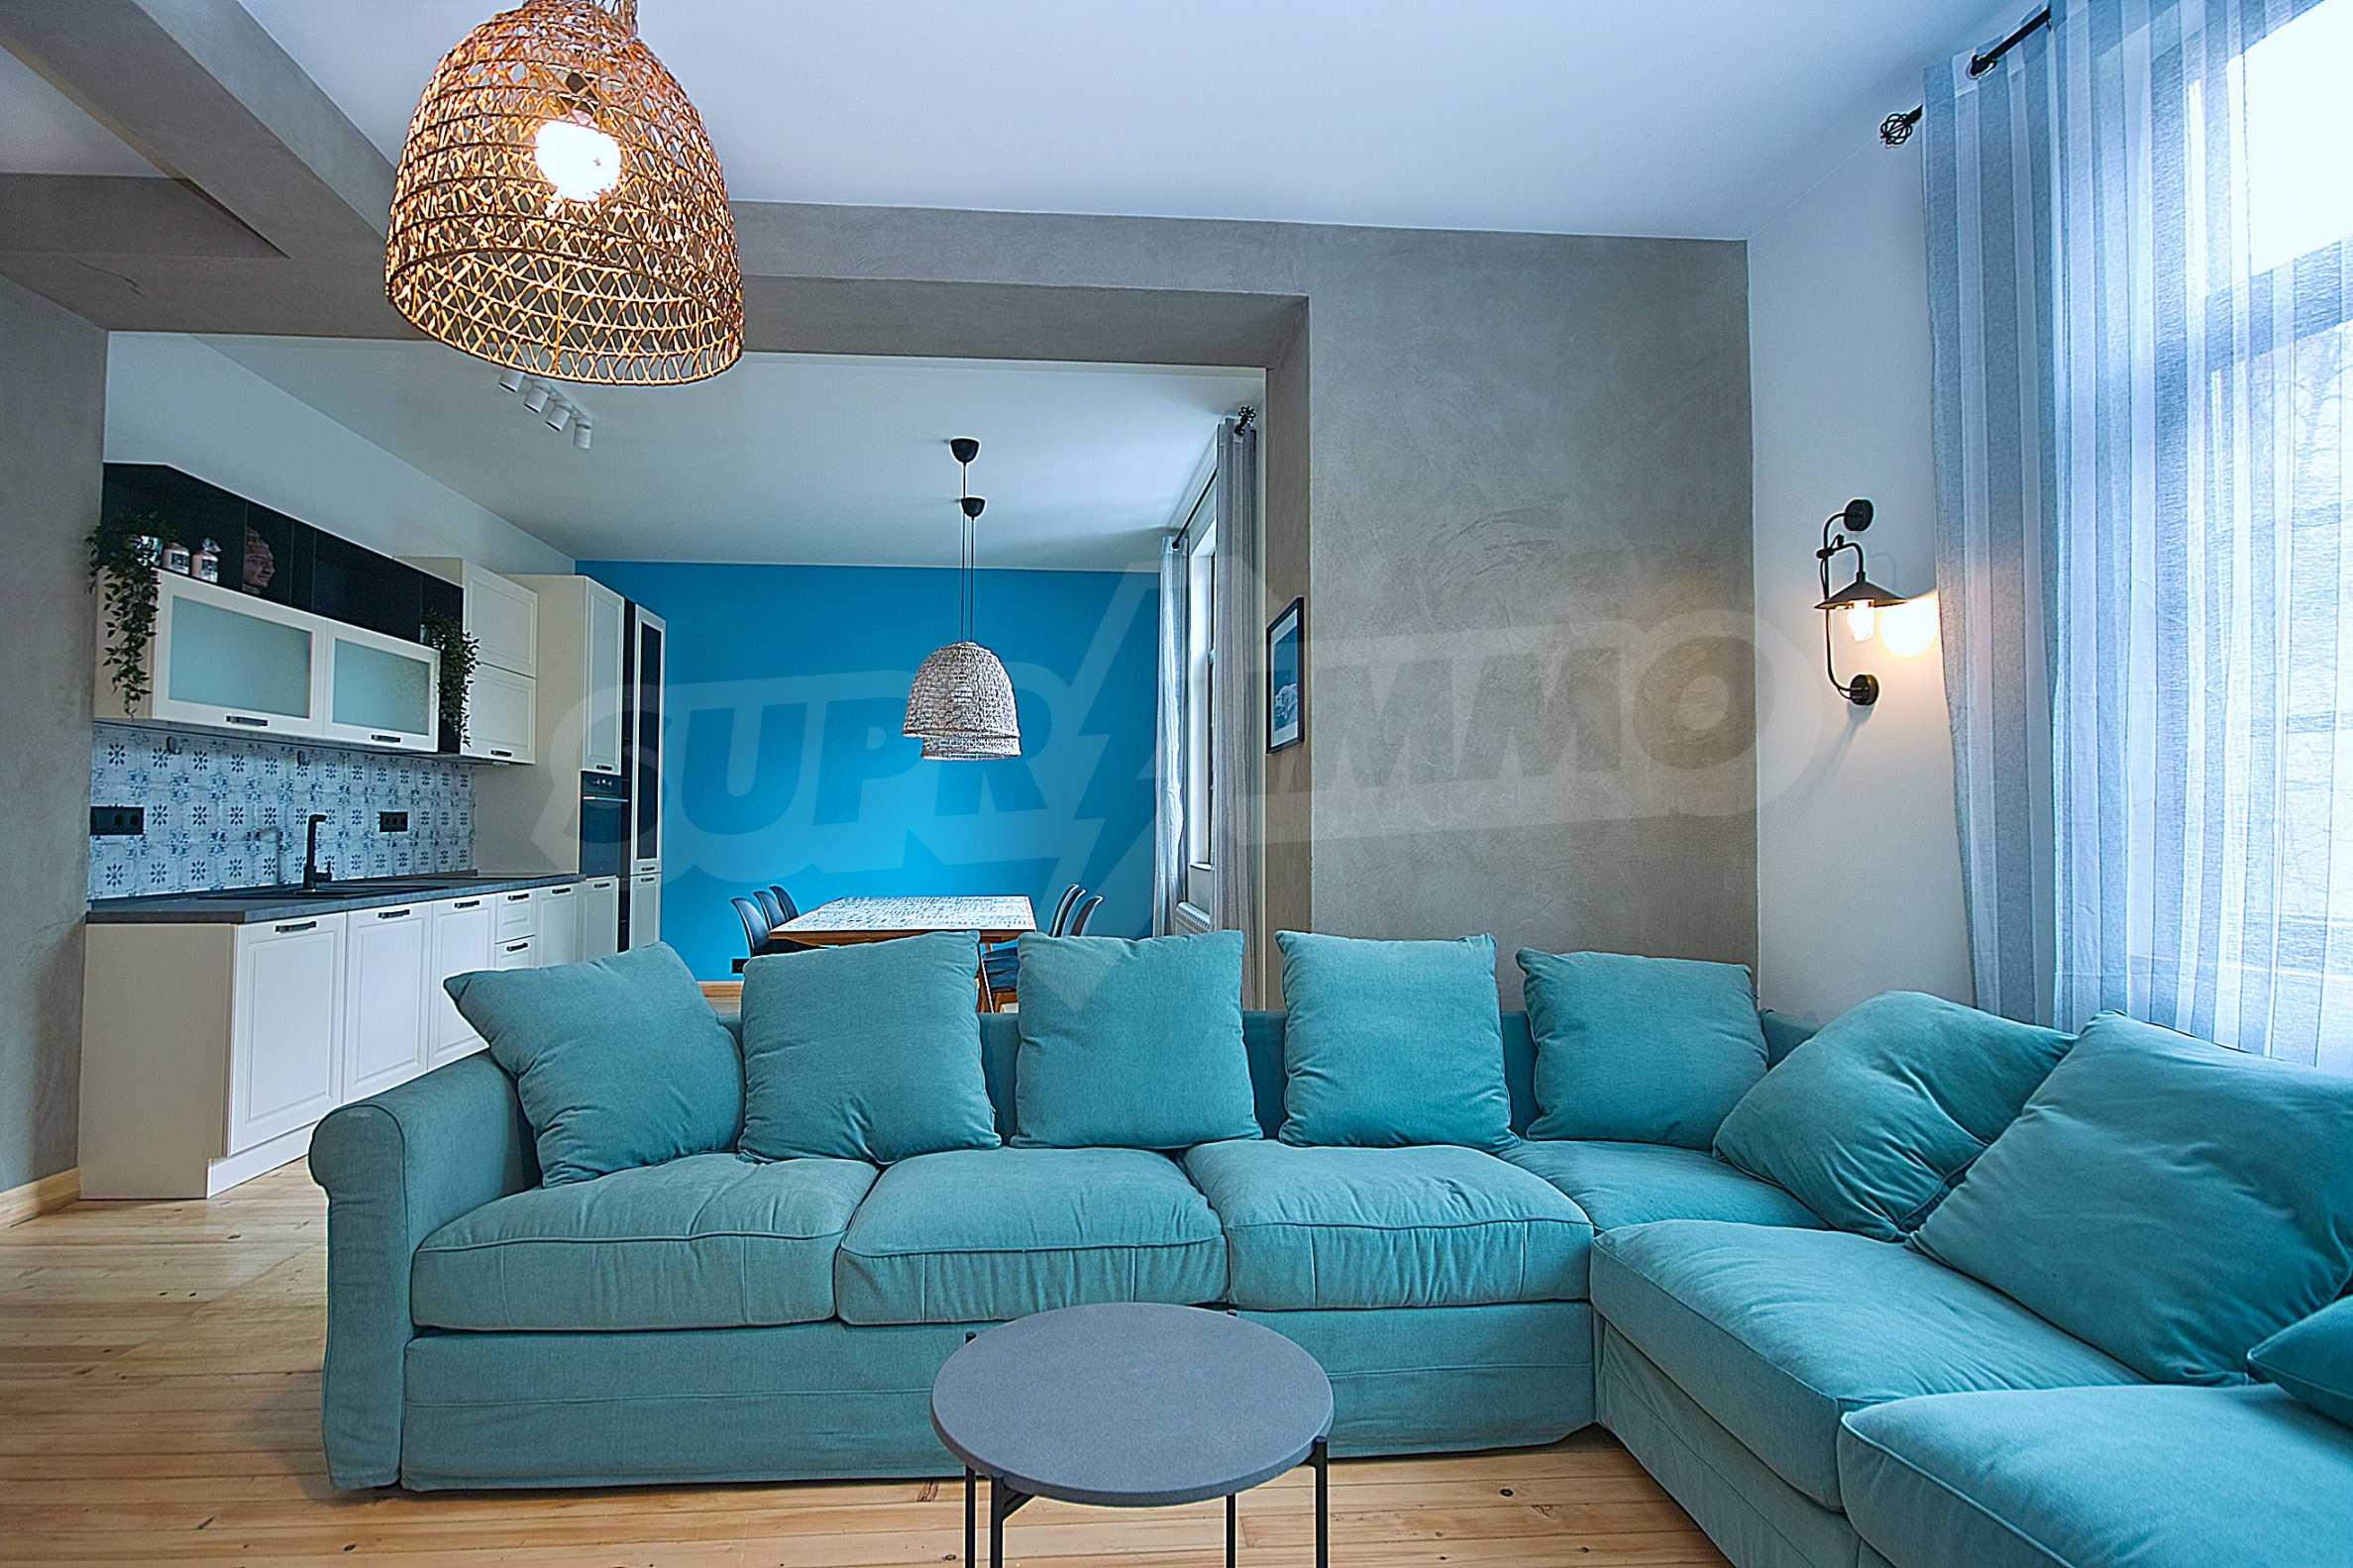 Möblierte Wohnung mit zwei Schlafzimmern in der Mitte 1